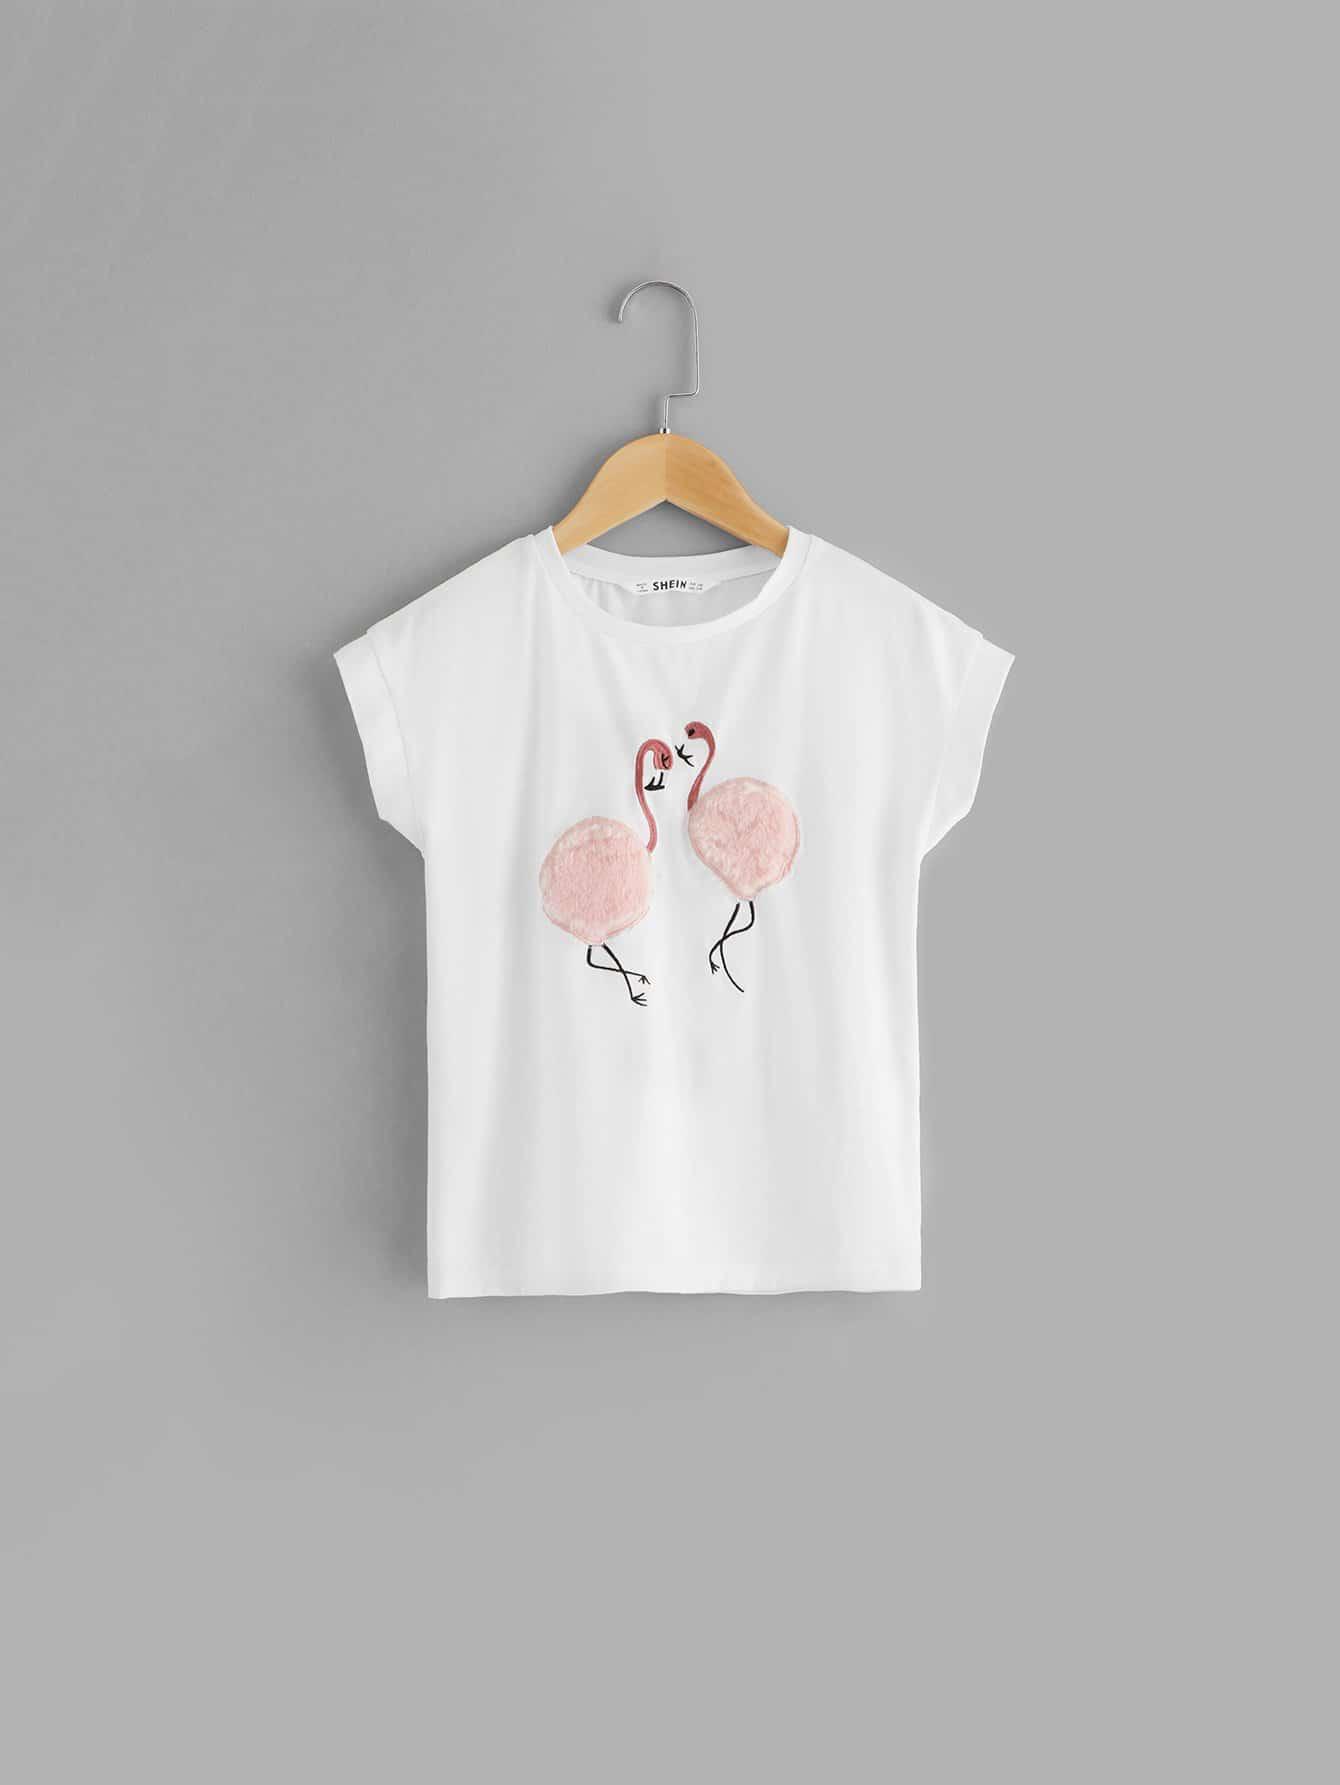 Купить Футболка с украшением фламинго и Pom Pom для девочки, null, SheIn